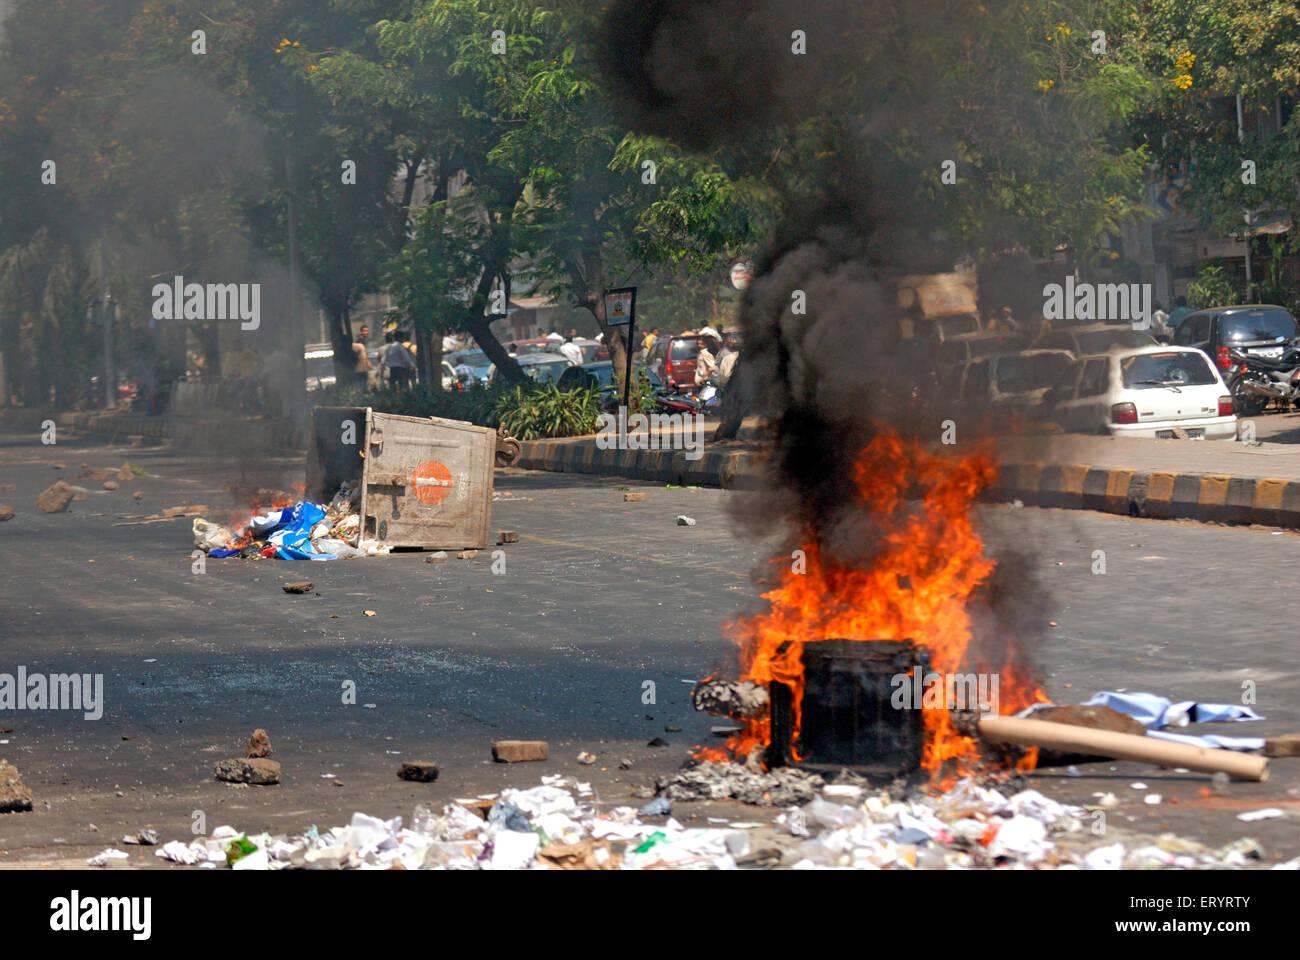 Protesta violenta, la quema de basura en la carretera Bandra ; ; ; ; Maharashtra Bombay Bombay India 21 de octubre Imagen De Stock